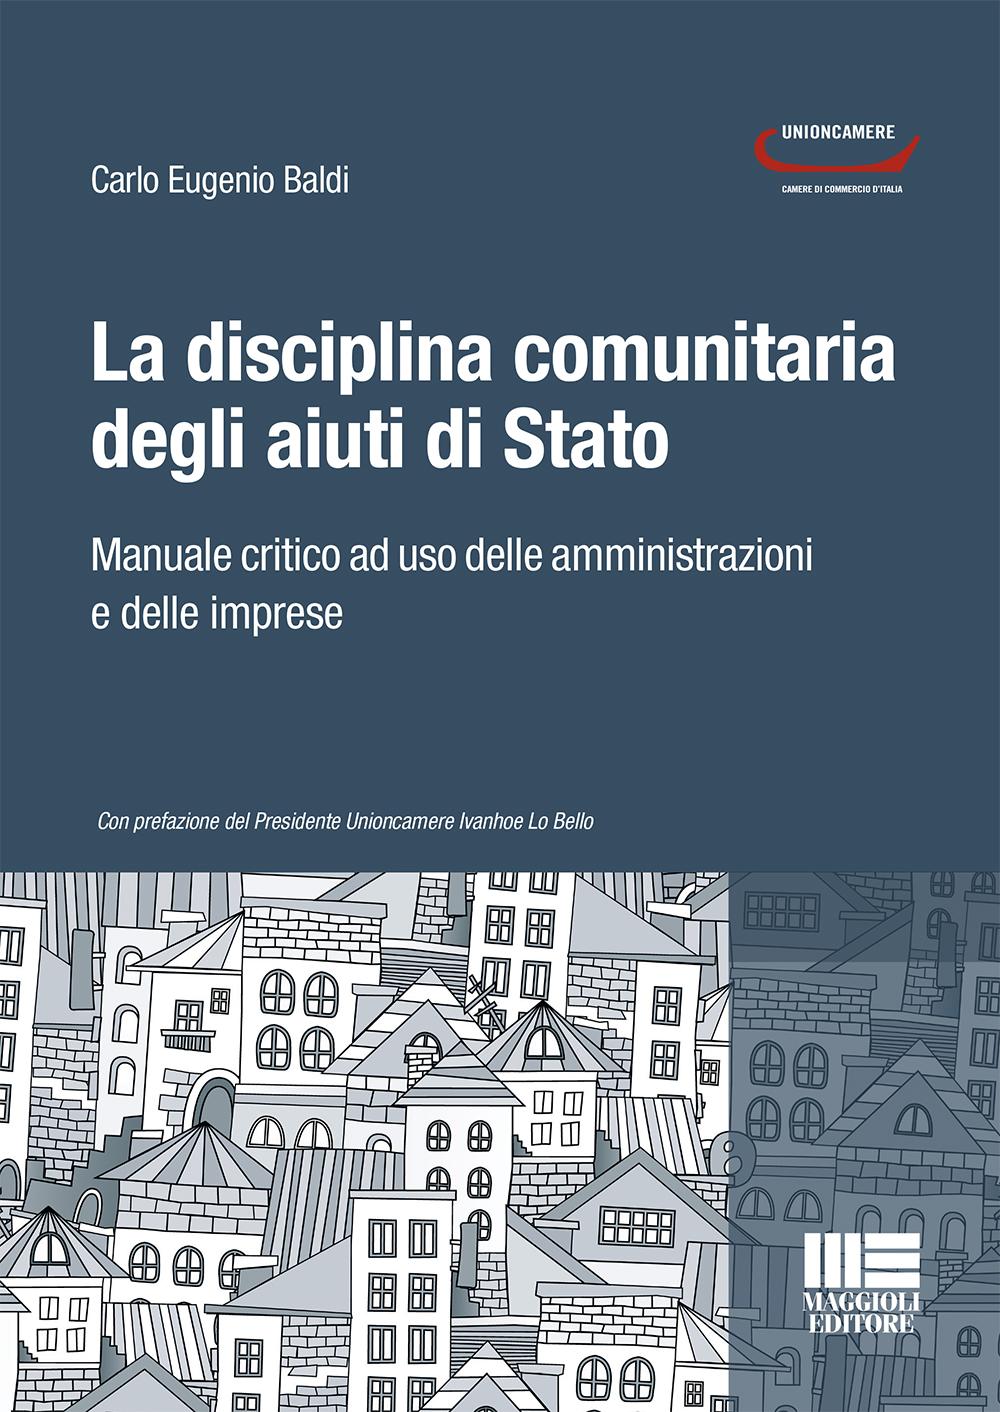 La disciplina comunitaria degli aiuti di Stato